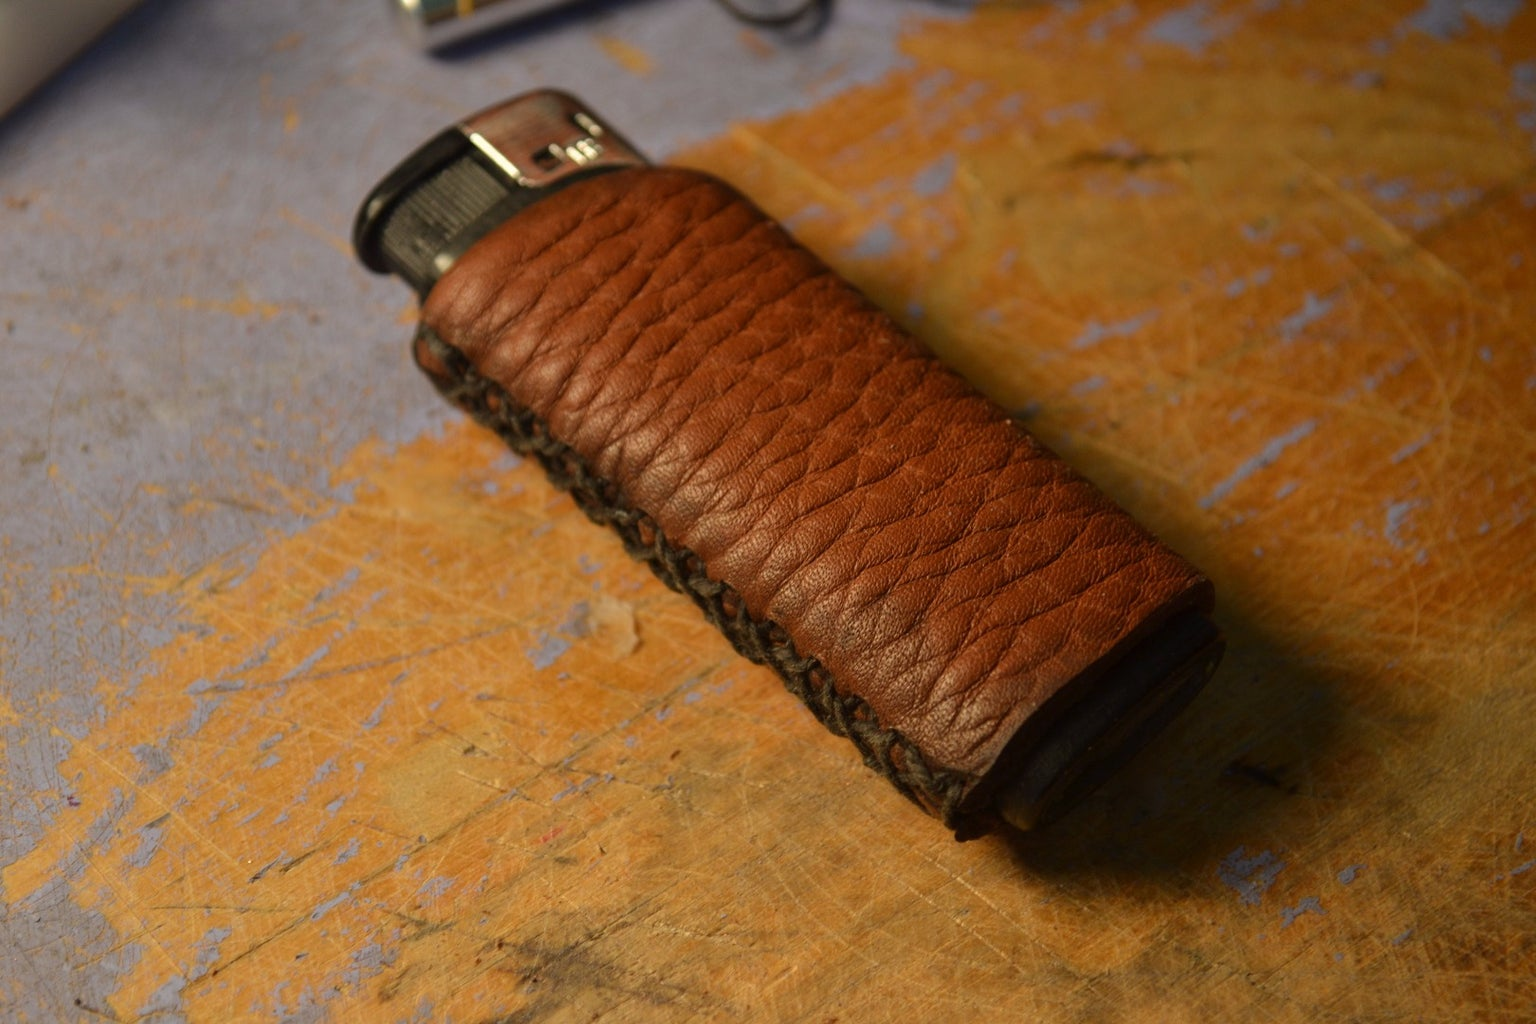 The Lighter Case